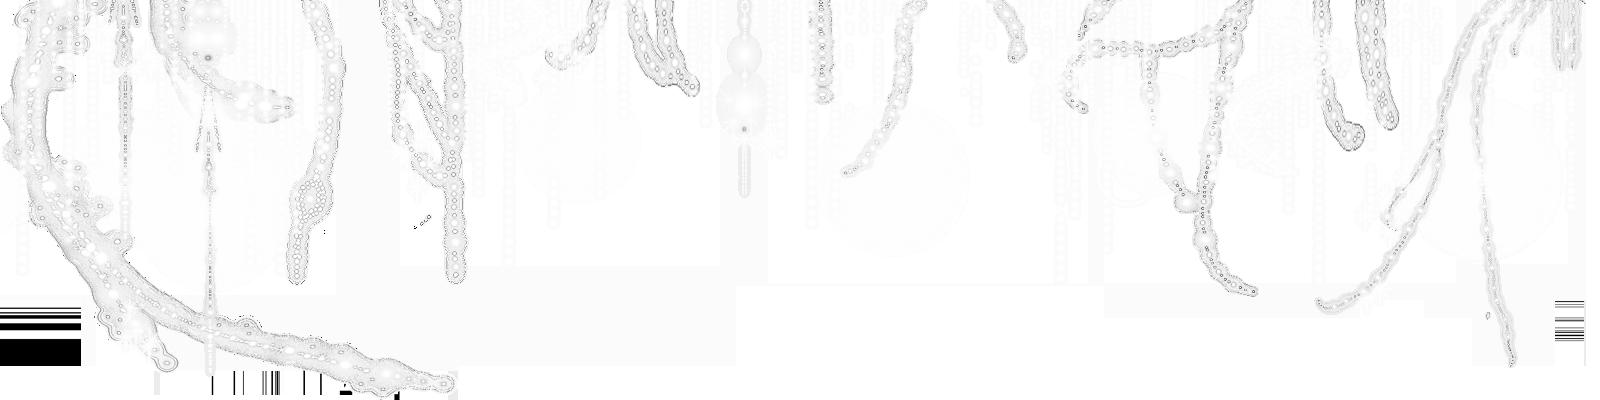 sticker_20159086_45482562